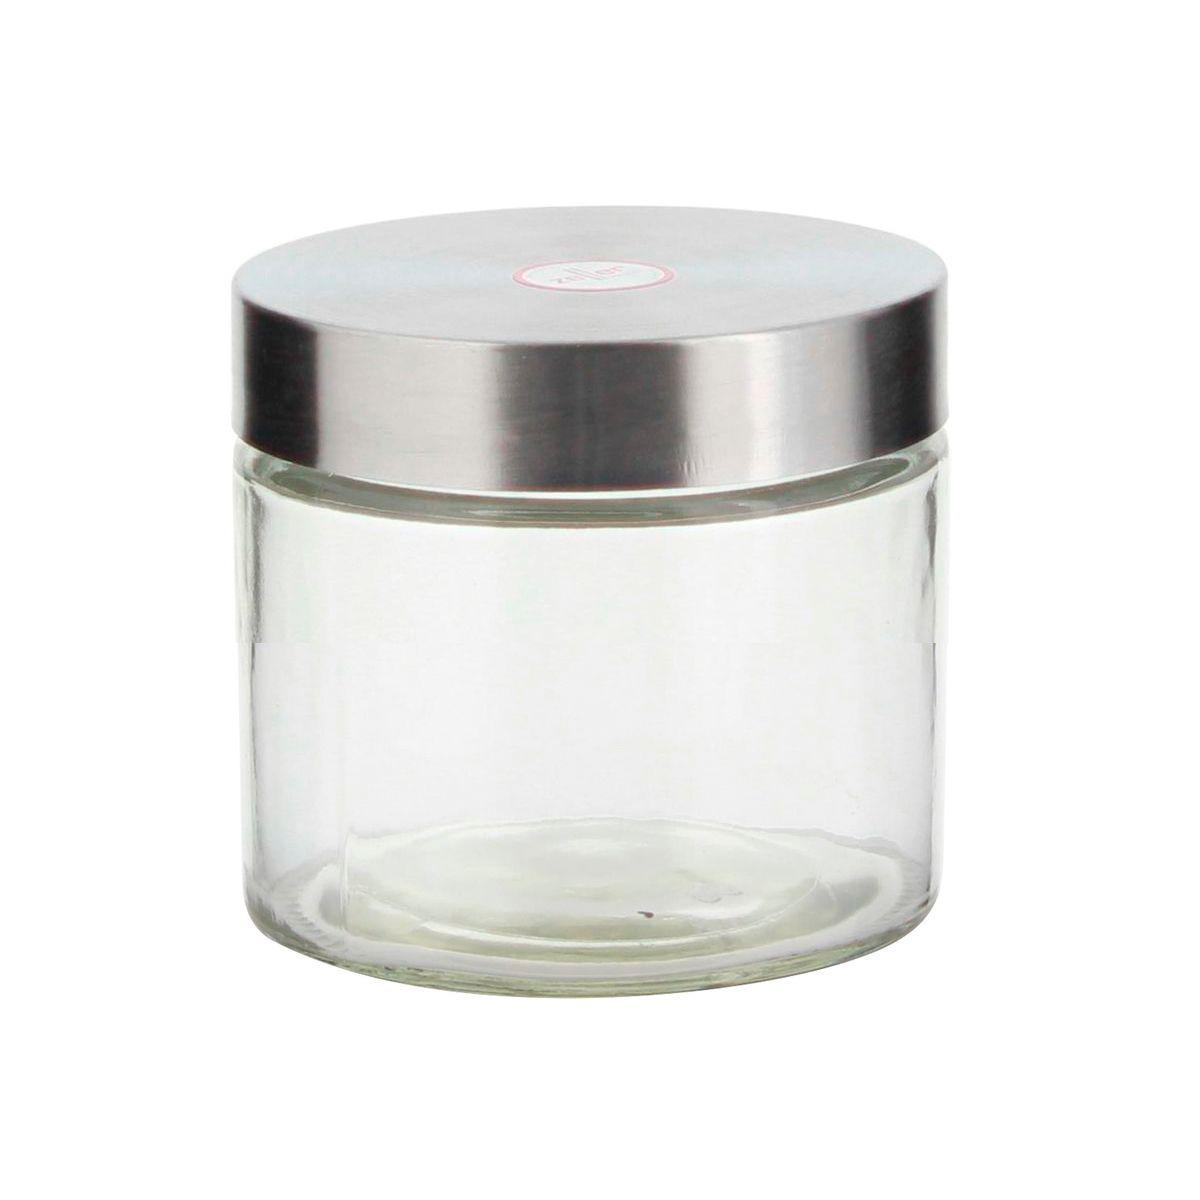 Boîte de conservation en verre avec couvercle en inox 0.75L - Zeller